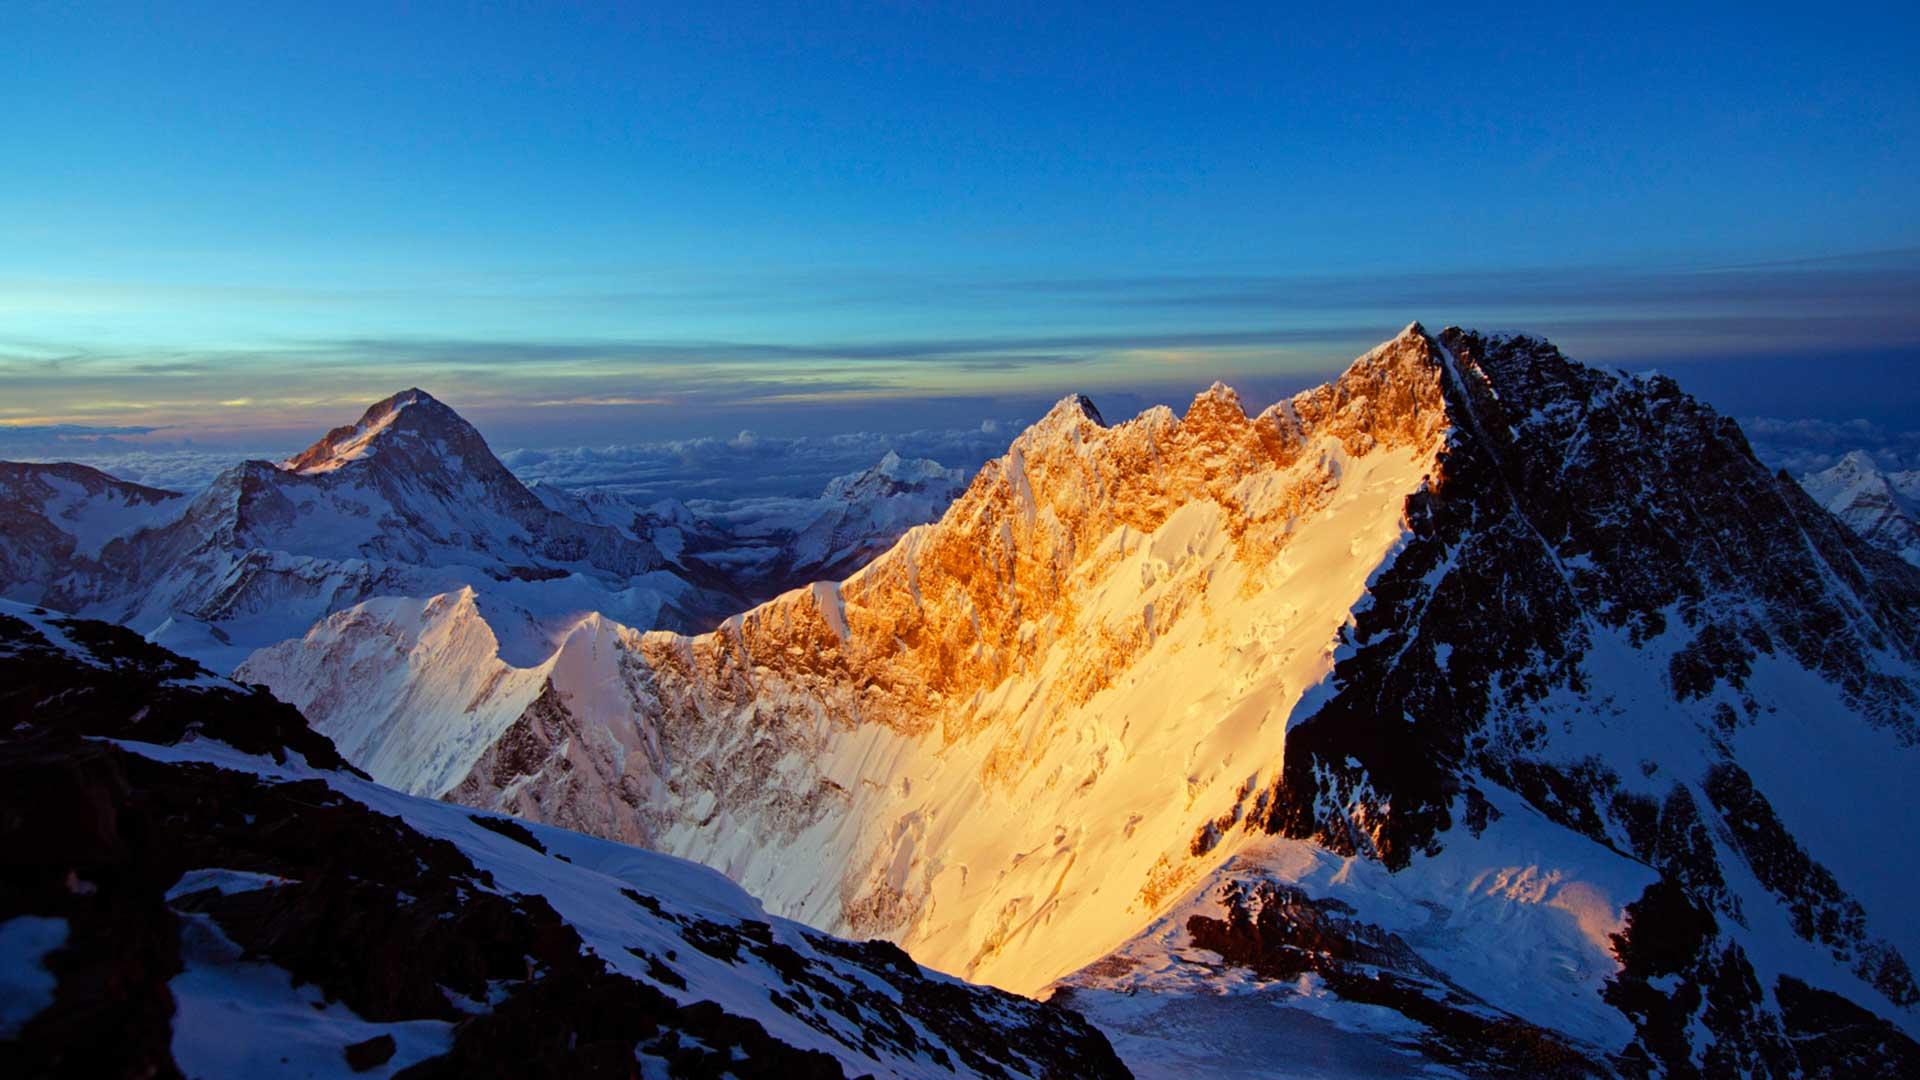 Everest bathed in golden light